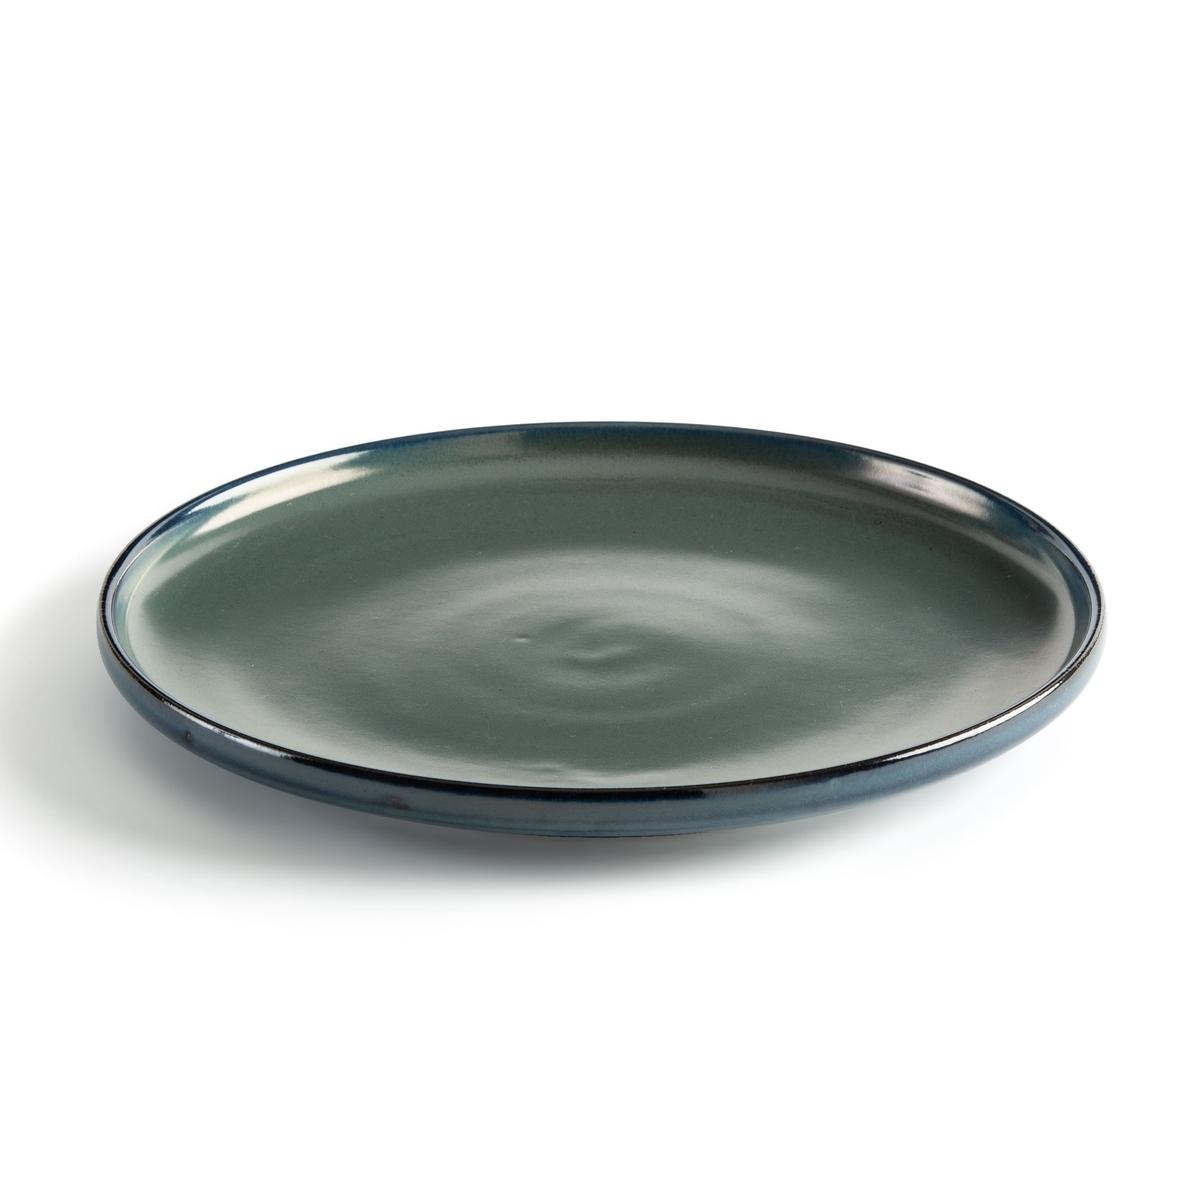 4 мелкие La Redoute Тарелки из глазурованной керамики Akira единый размер синий плоские la redoute тарелки из эмалированной керамики attale единый размер каштановый